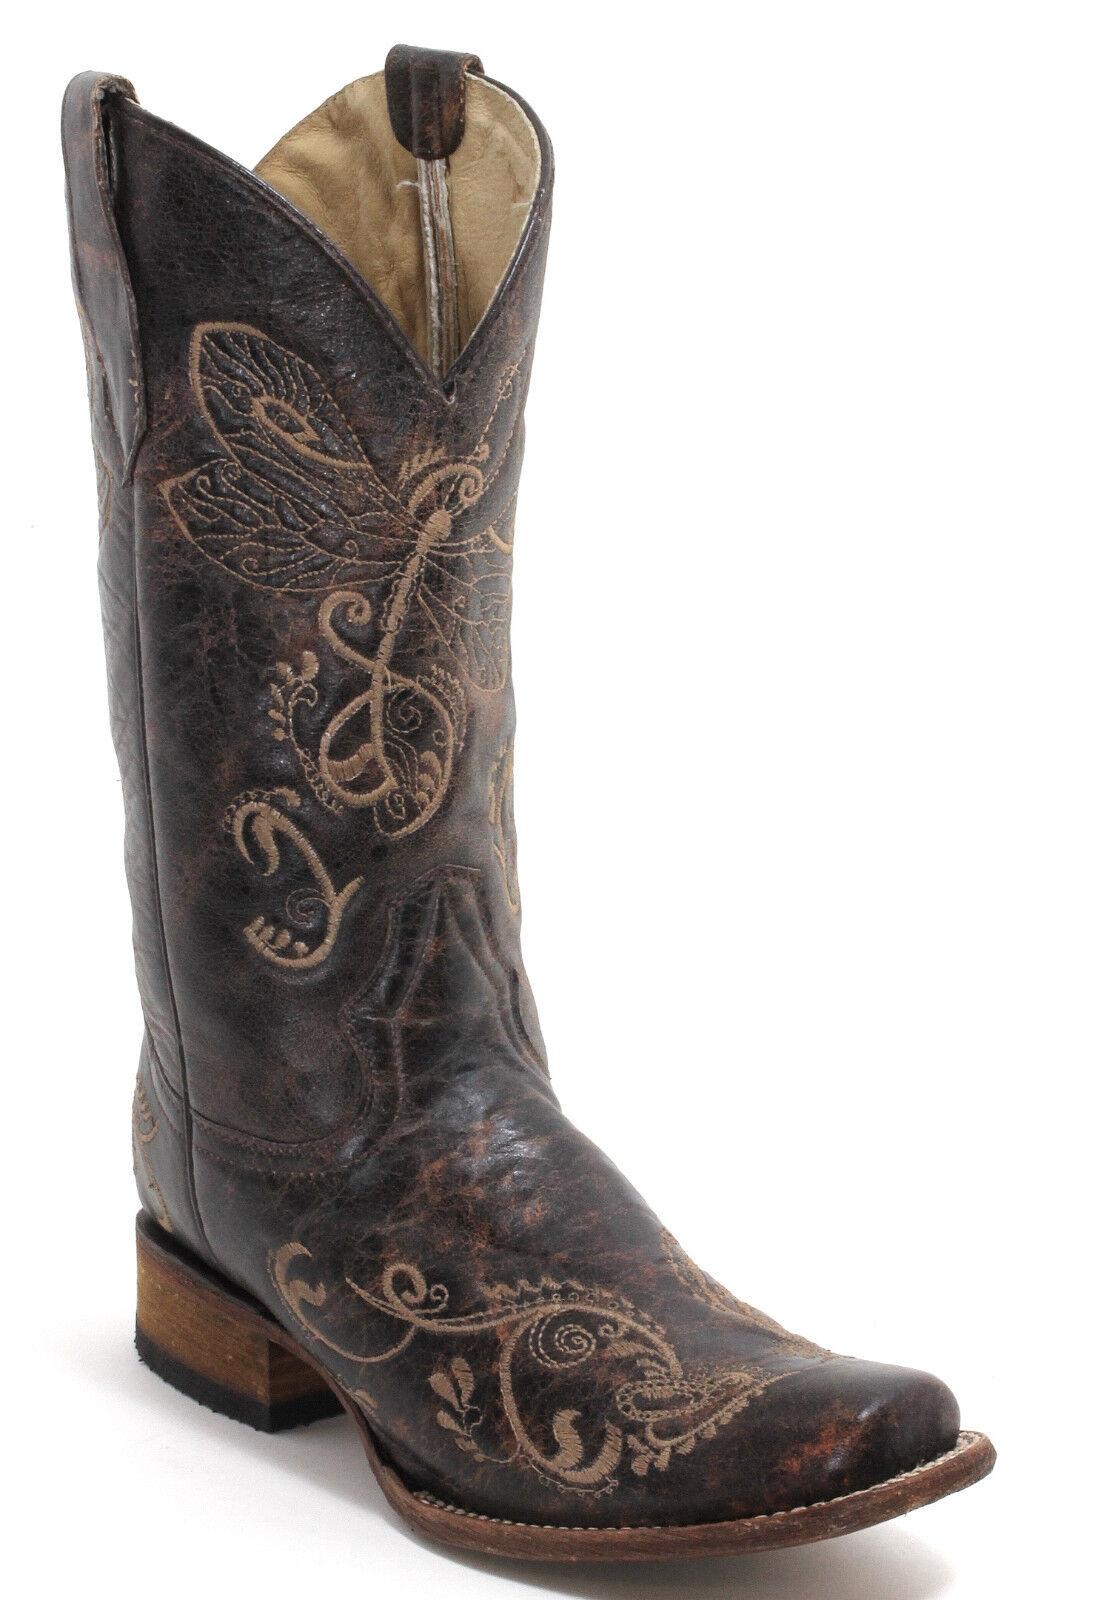 Western Western Western botas botas de vaquero reitbotas solchaga style line Dance Circle g 42  oferta de tienda